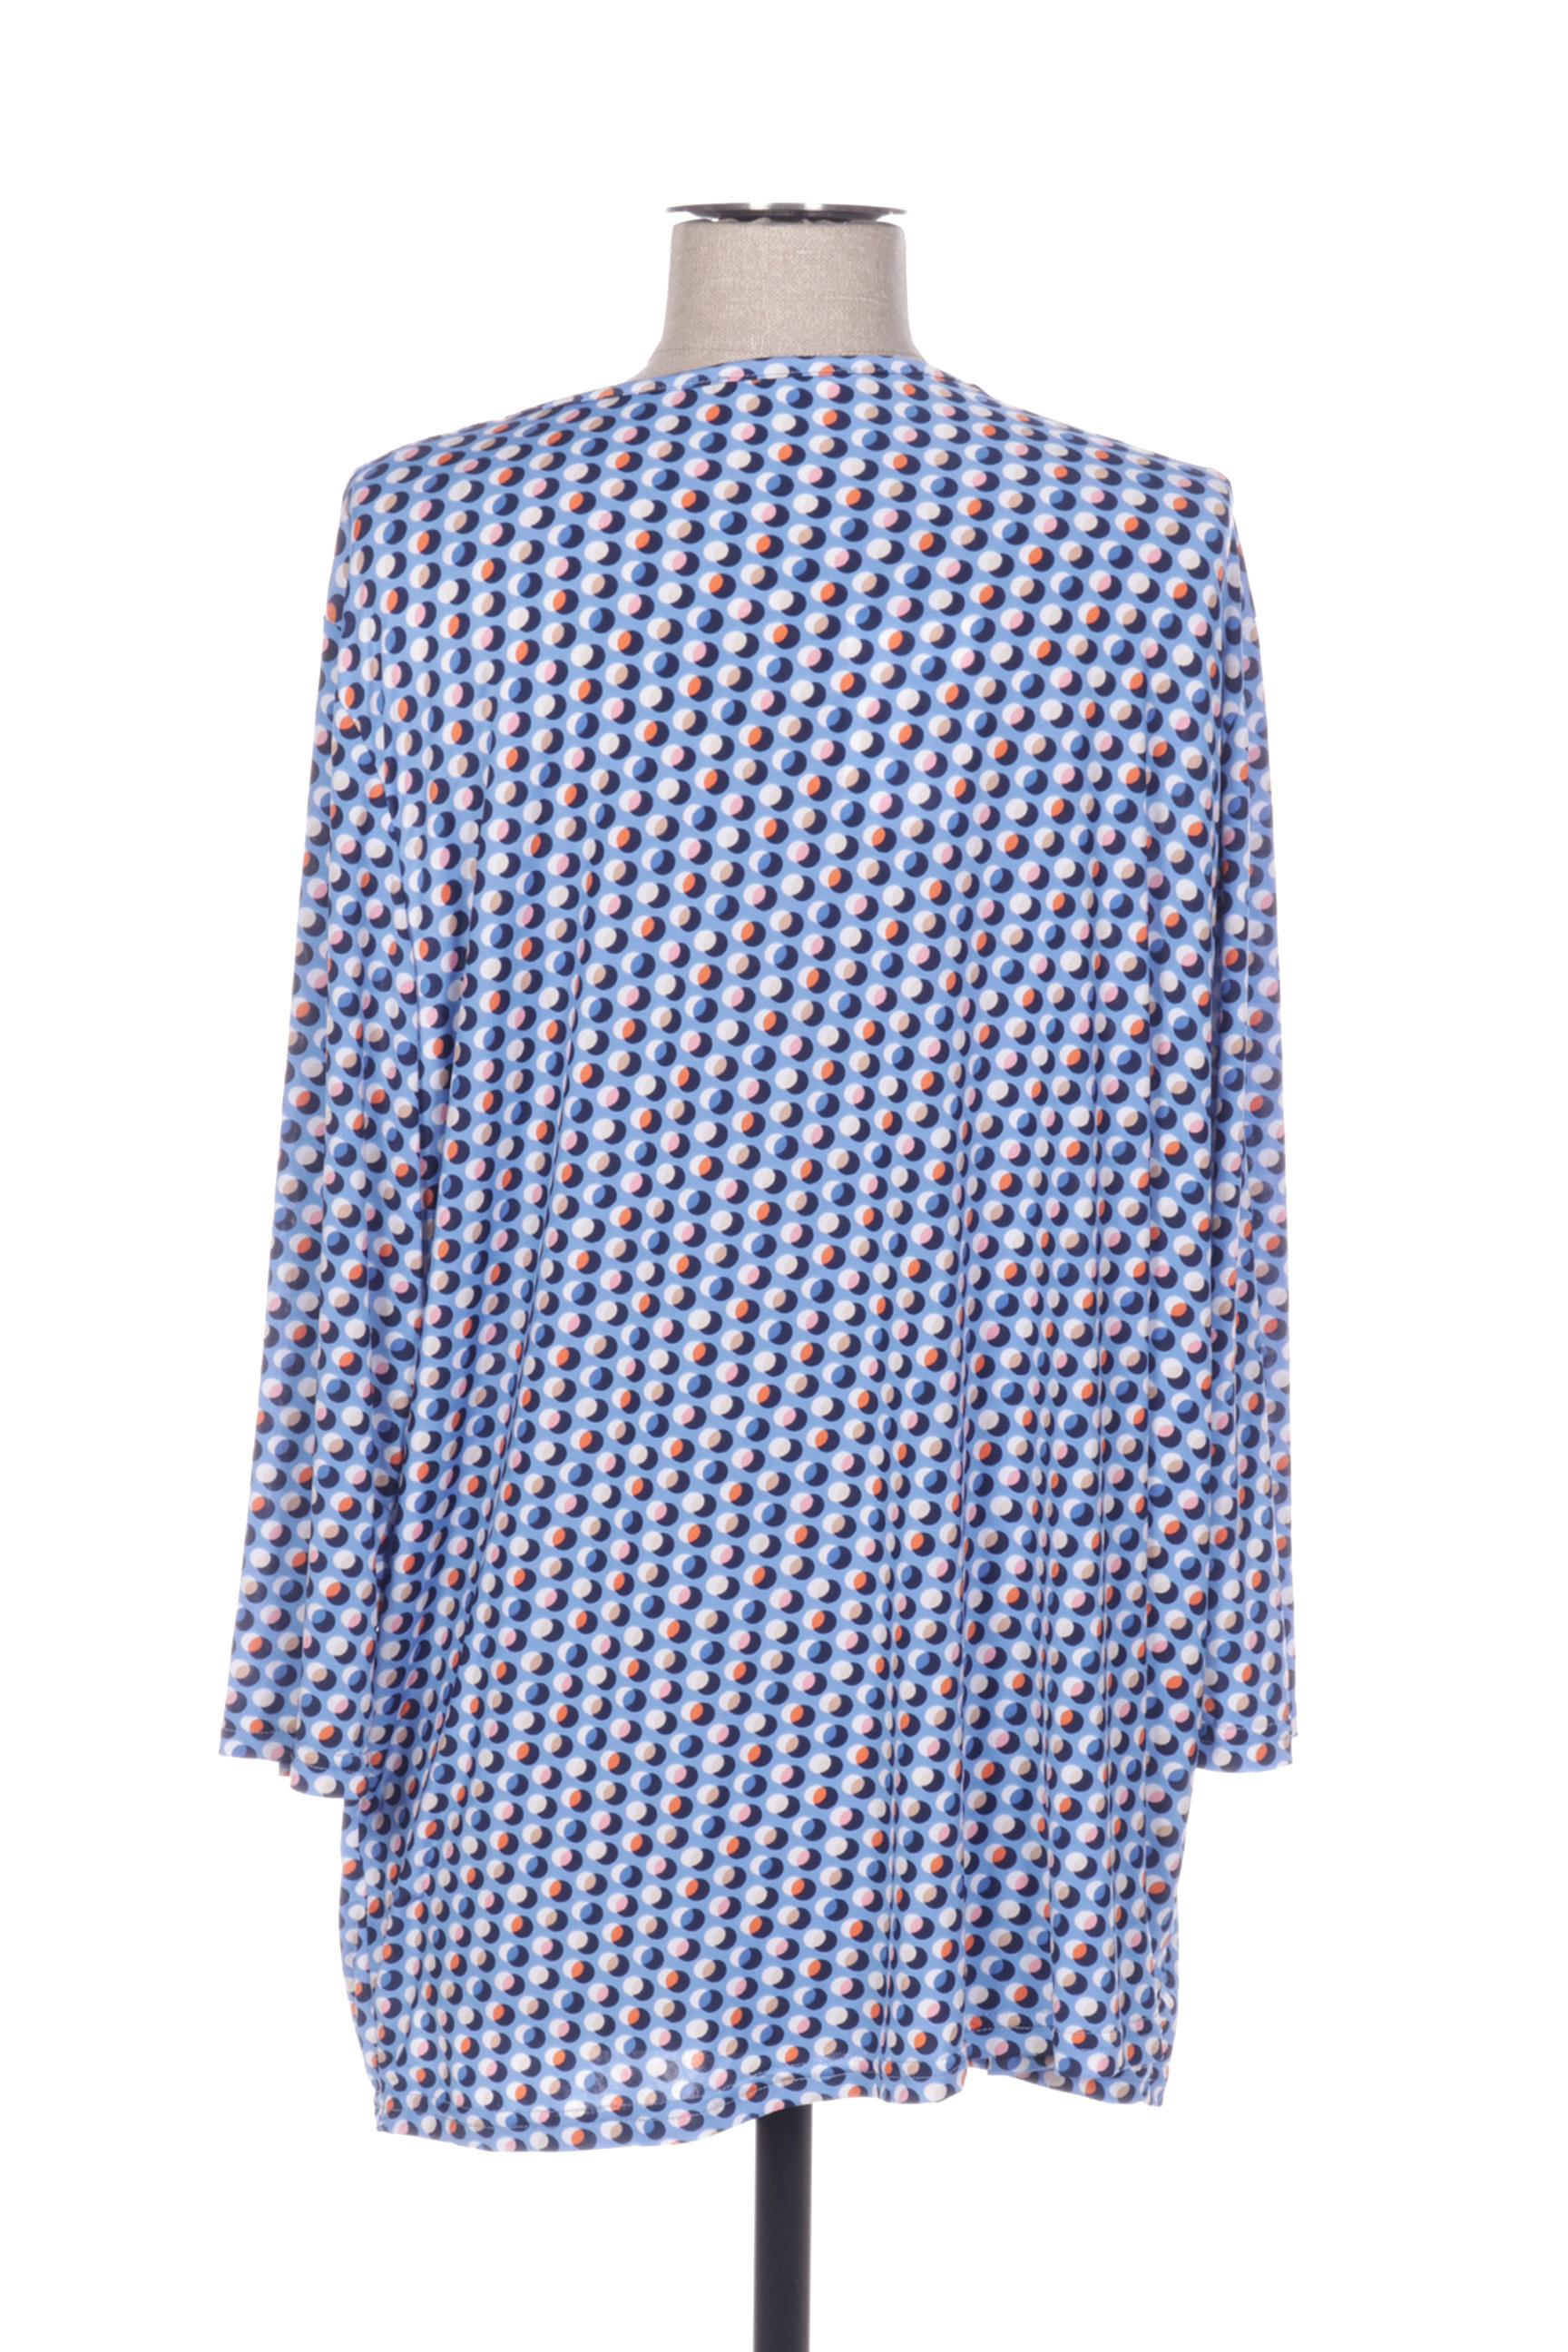 Diane Laury Blouses Femme De Couleur Bleu En Soldes Pas Cher 1417627-bleu00